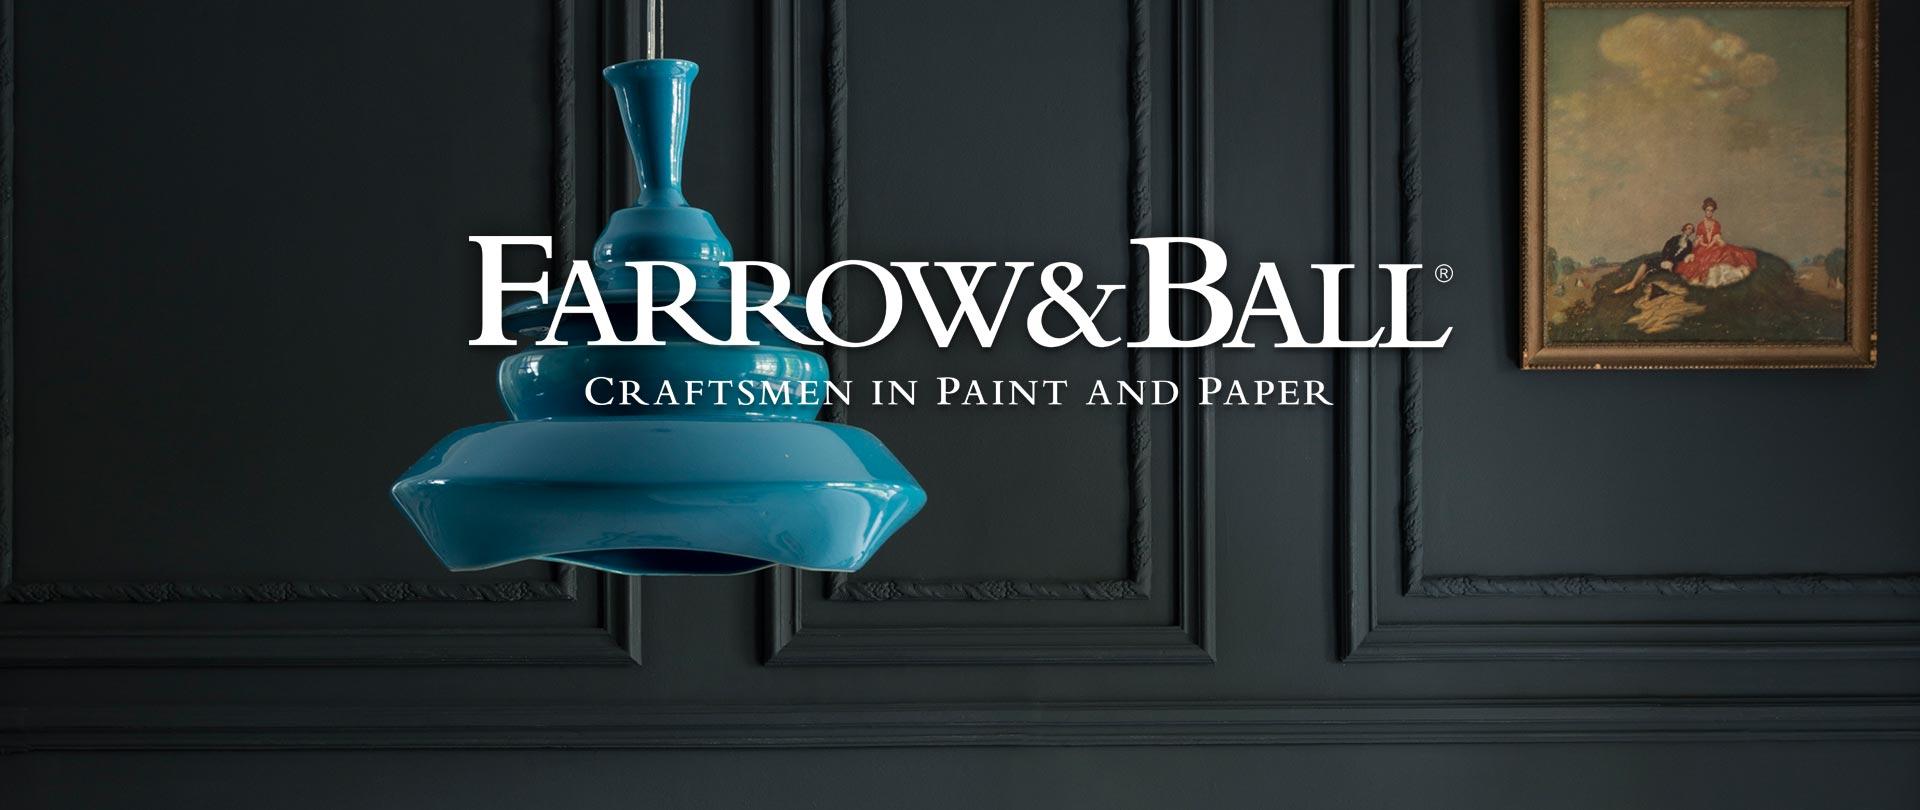 farrow-ball-bg-5c.x61986.jpg